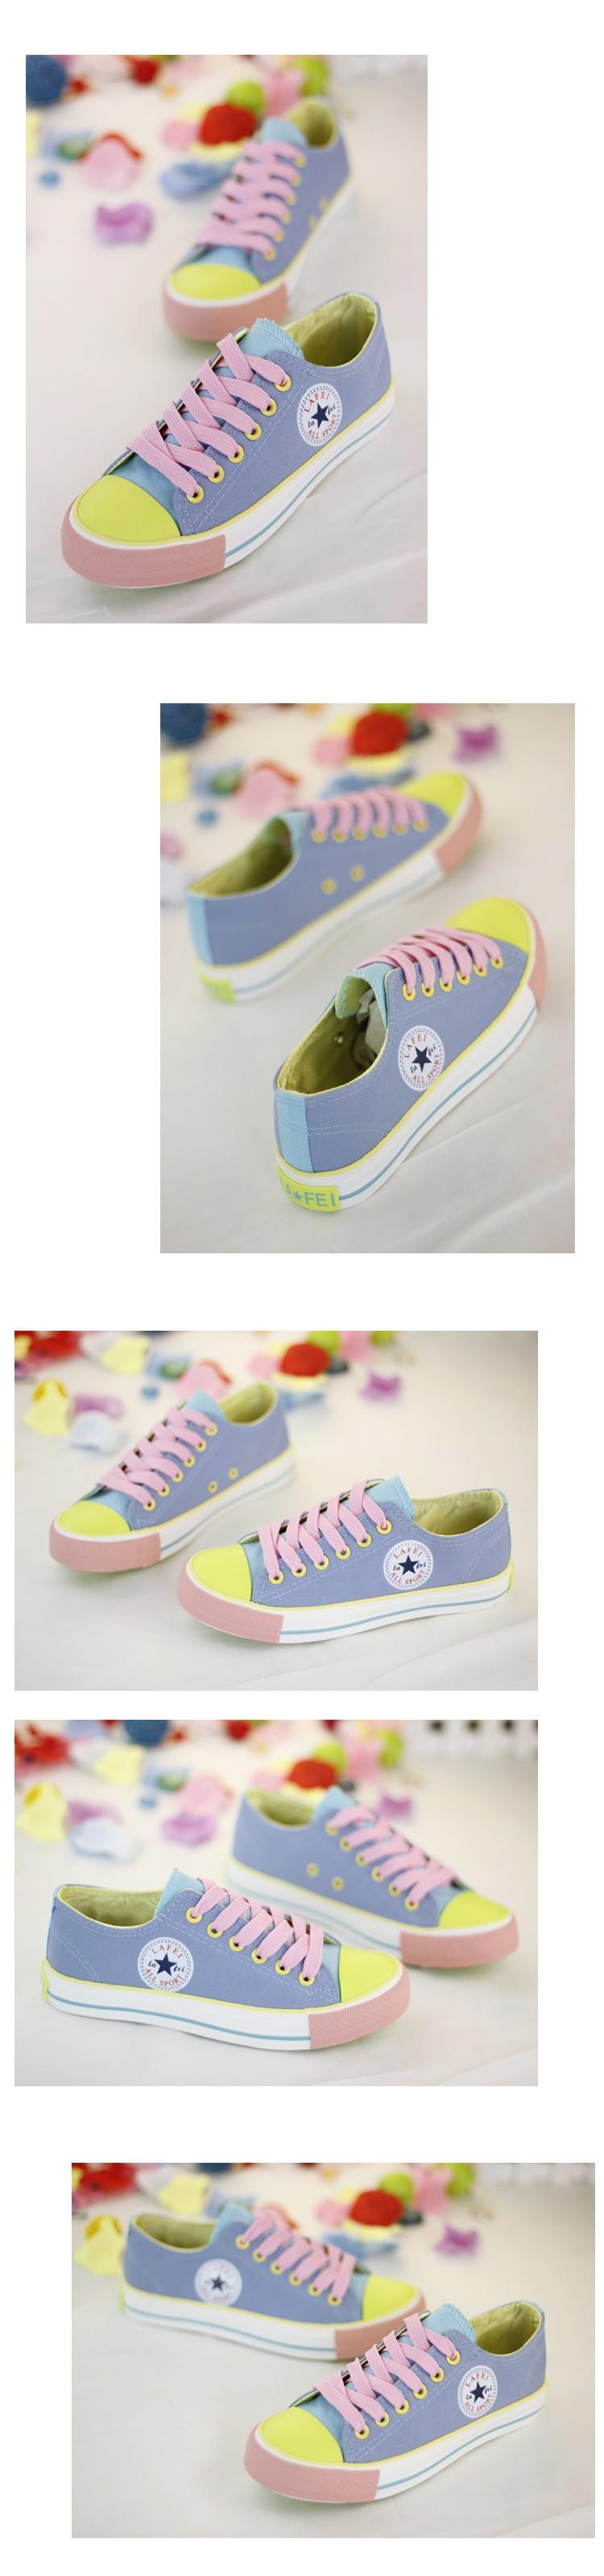 новый мода бренд женщин чемпионата пас на подошве квартир женщин и женщин весна осень туфли женская свободного покроя кроссовки туфли xs15